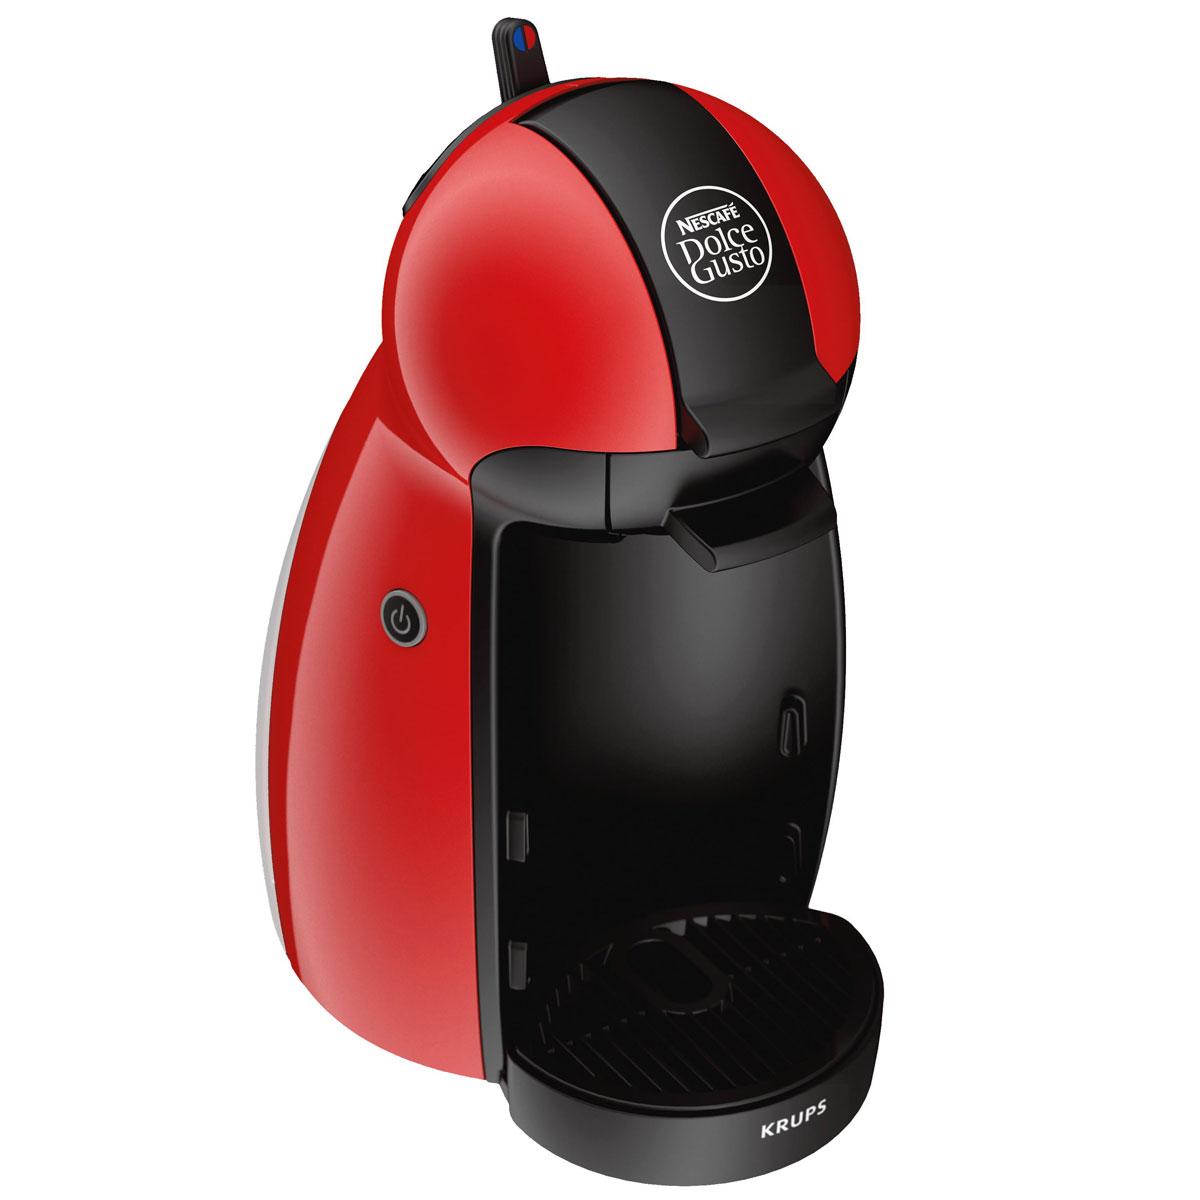 Кофемашина NESCAFE Dolce Gusto Krups KP1006 Piccolo краснаяKP1006E1Капсульная кофемашина NESCAFE Dolce Gusto (Дольче Густо) Piccolo - это уникальная система автоматического приготовления кофе, других горячих и холодных напитков с использованием капсул.Данная кофемашина гарантирует простоту приготовления превосходного натурального молотого кофе. Более 20 вкусов на Ваш выбор: эспрессо, лунго, капучино, латте макиато, чокочино, шоколад Несквик, чай и многое другое.Технология дозирования напитка - механическая (ручная).Капсульная система NESCAFE Dolce Gusto - это инновационная система приготовления кофе высокого качества, специально разработанная для ее использования в домашних условиях. Герметичные капсулы оптимизируют давление воды для каждого вида кофе. Кофемашина NESCAFE Dolce Gusto использует профессиональное давление в 15 бар, что каждый раз гарантирует идеальный вкус и качество кофе. Просто вставьте капсулу, поверните рычаг, и система сама приготовит напиток по эталонному рецепту.Мощность: 1500 ВтРегулируемая по высоте подставка для чашекВозможность приготовления молочных напитковСистема нагрева: термоблокПереключение подачи воды: горячая/холодная (возможность получения горячих и холодных напитков)Тип управления: механический (ручной)Энергосбережение: автоотключение через 5 минут